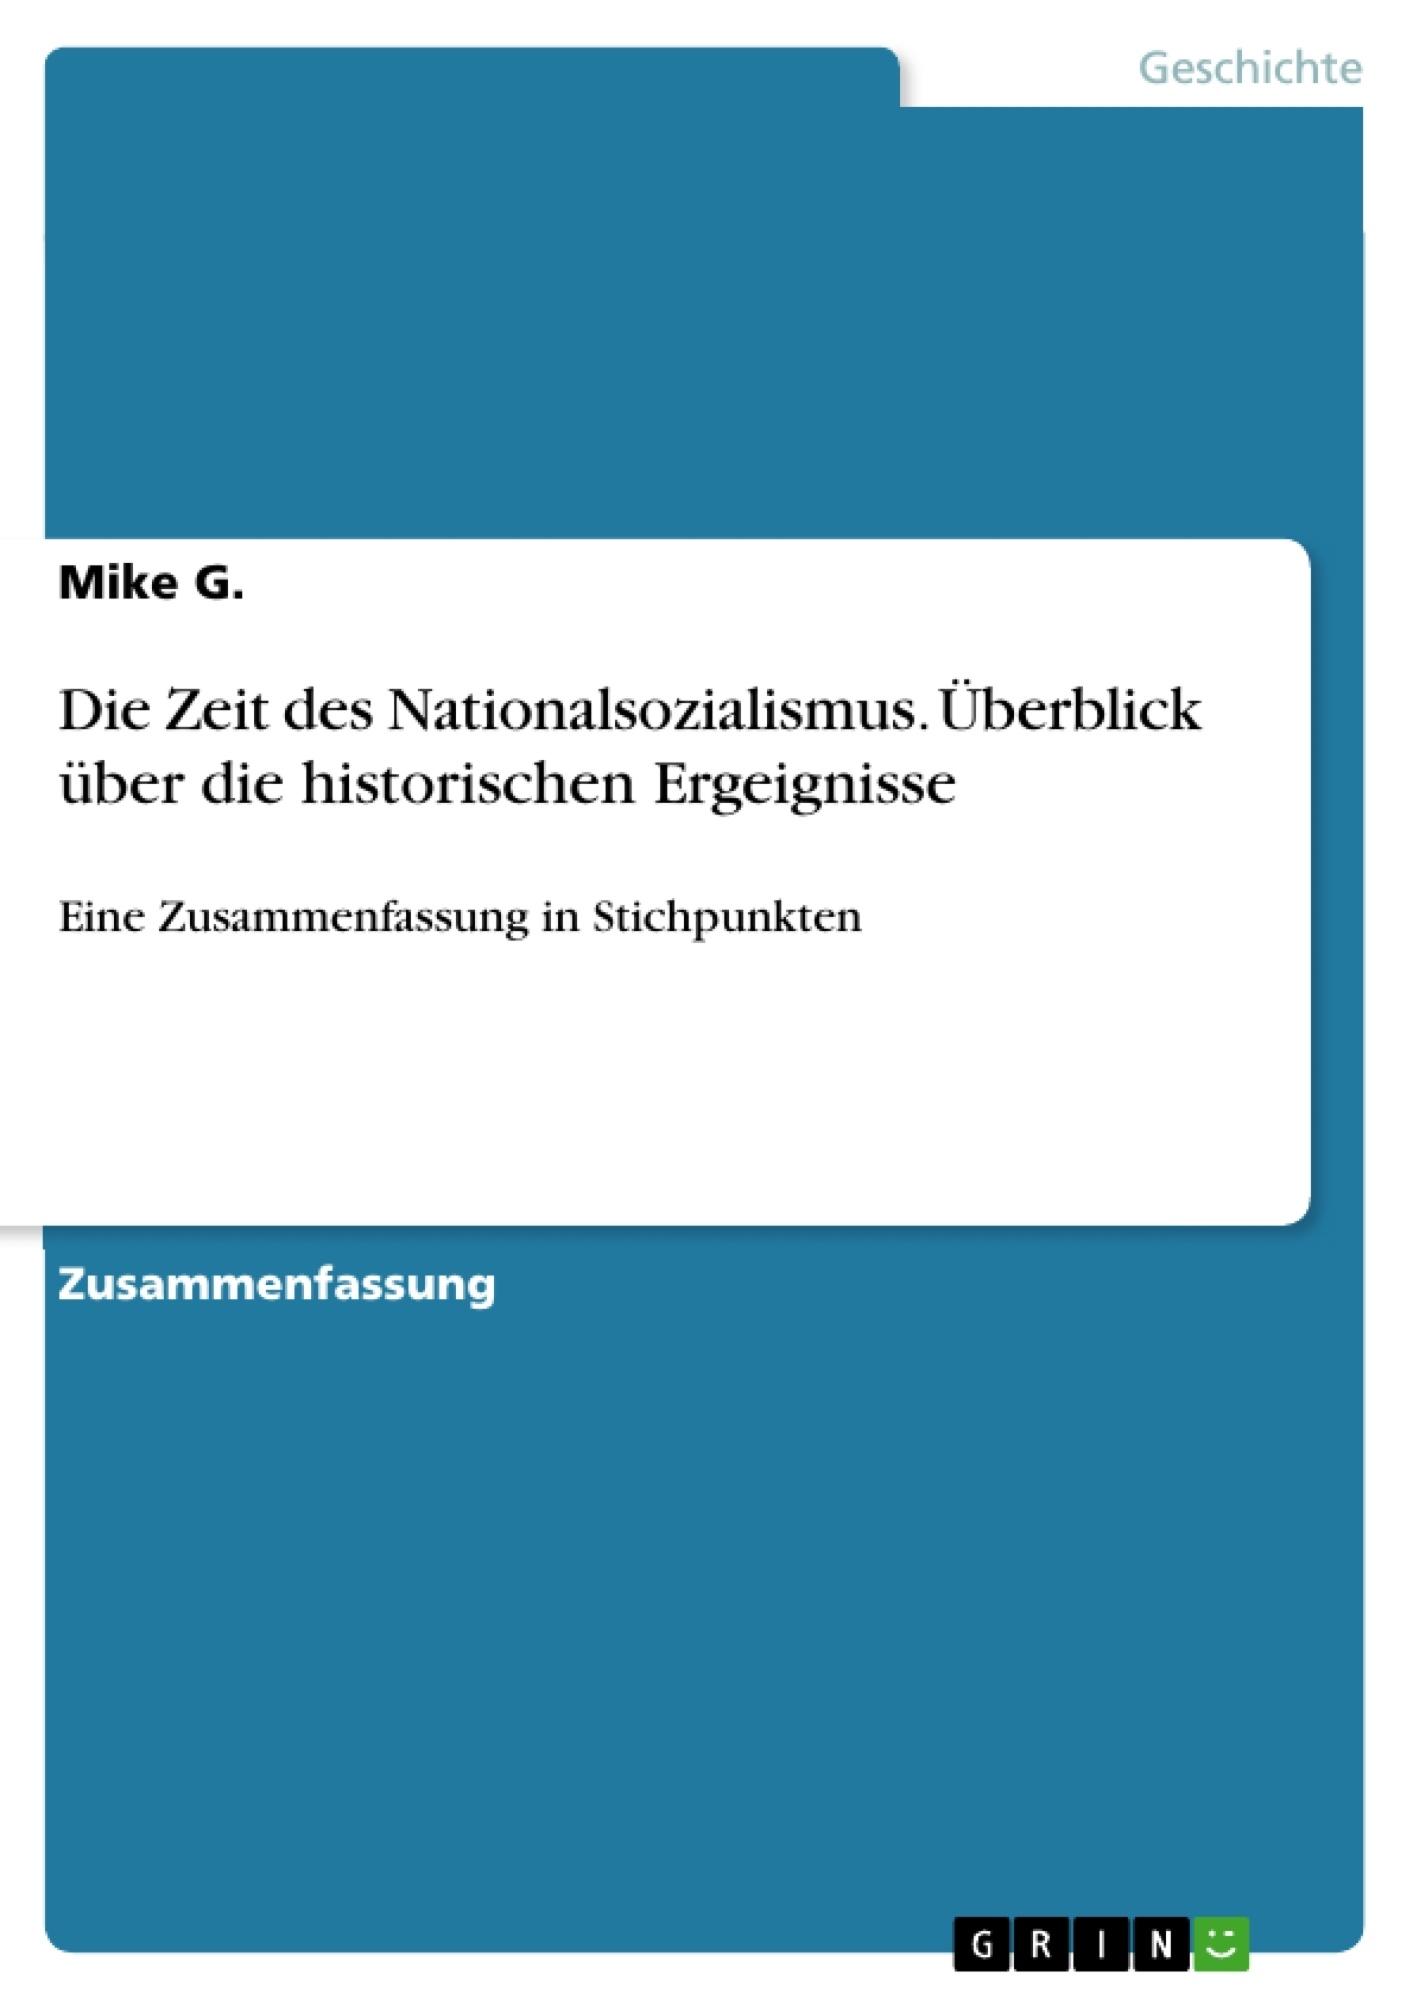 Titel: Die Zeit des Nationalsozialismus. Überblick über die historischen Ergeignisse